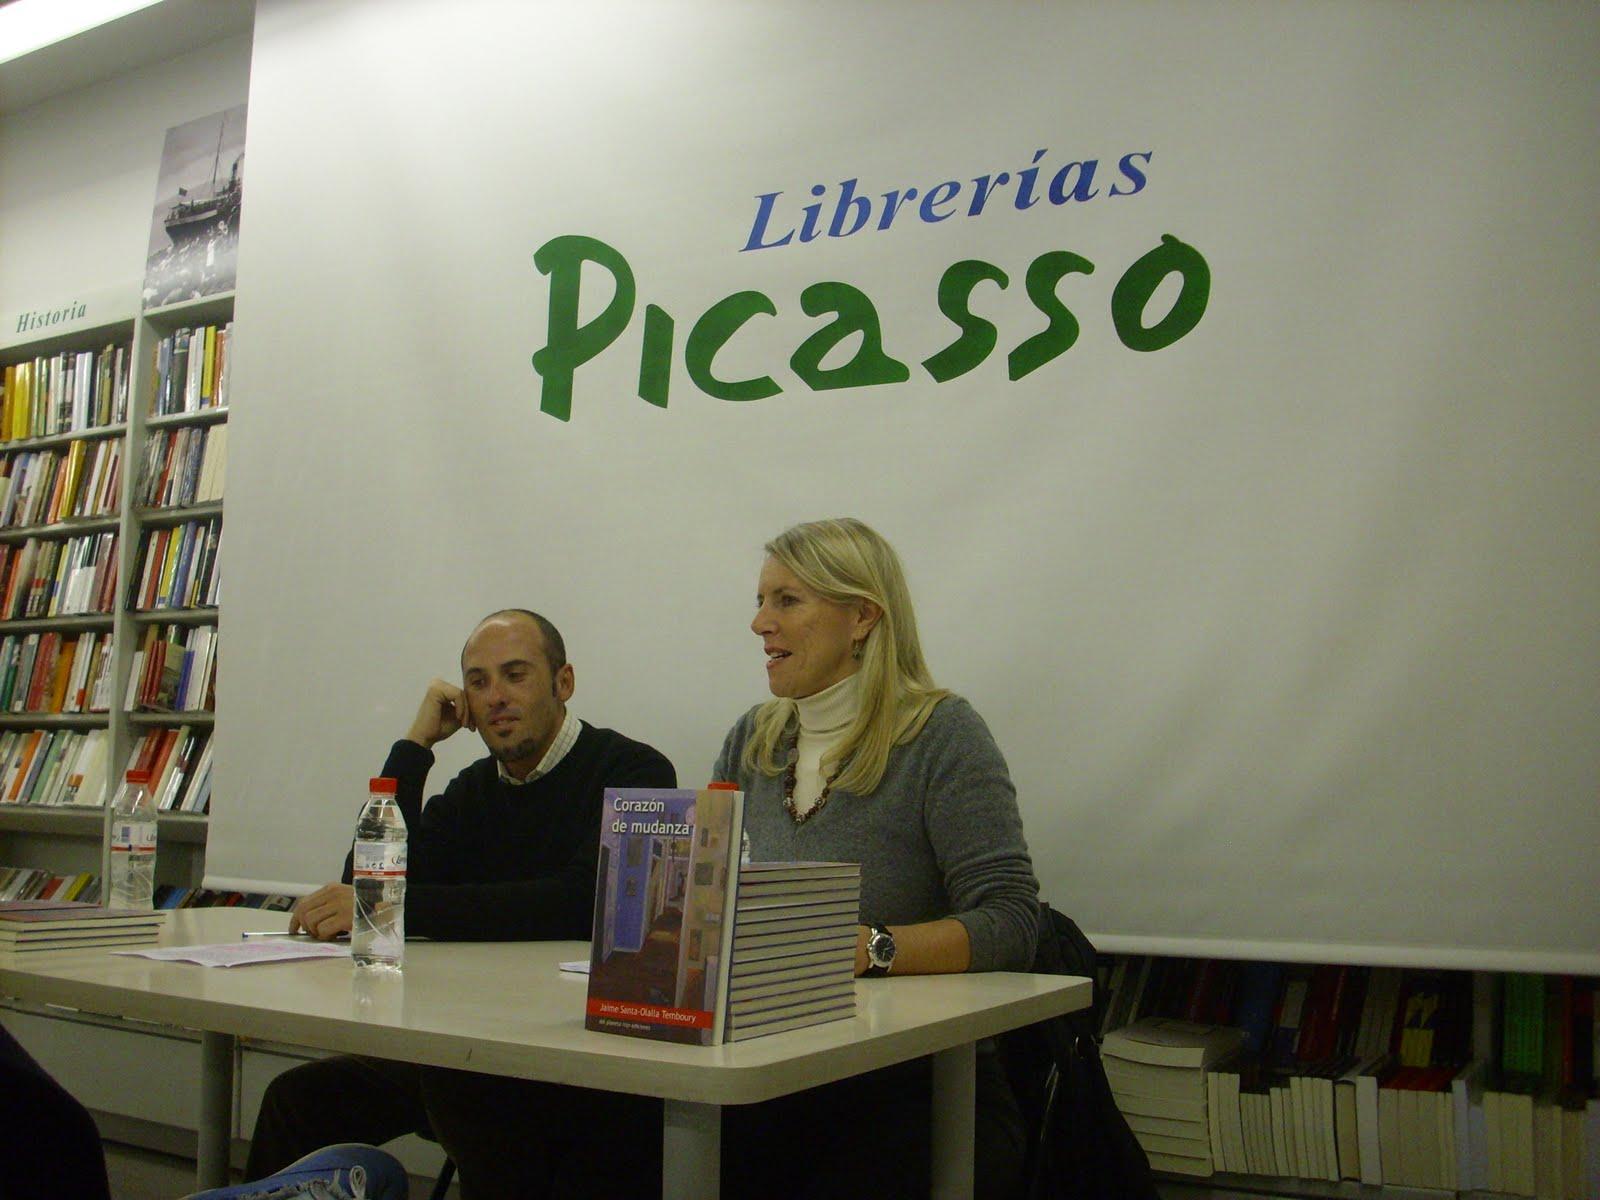 Presentaci n en granada libreria picasso - Libreria picaso granada ...